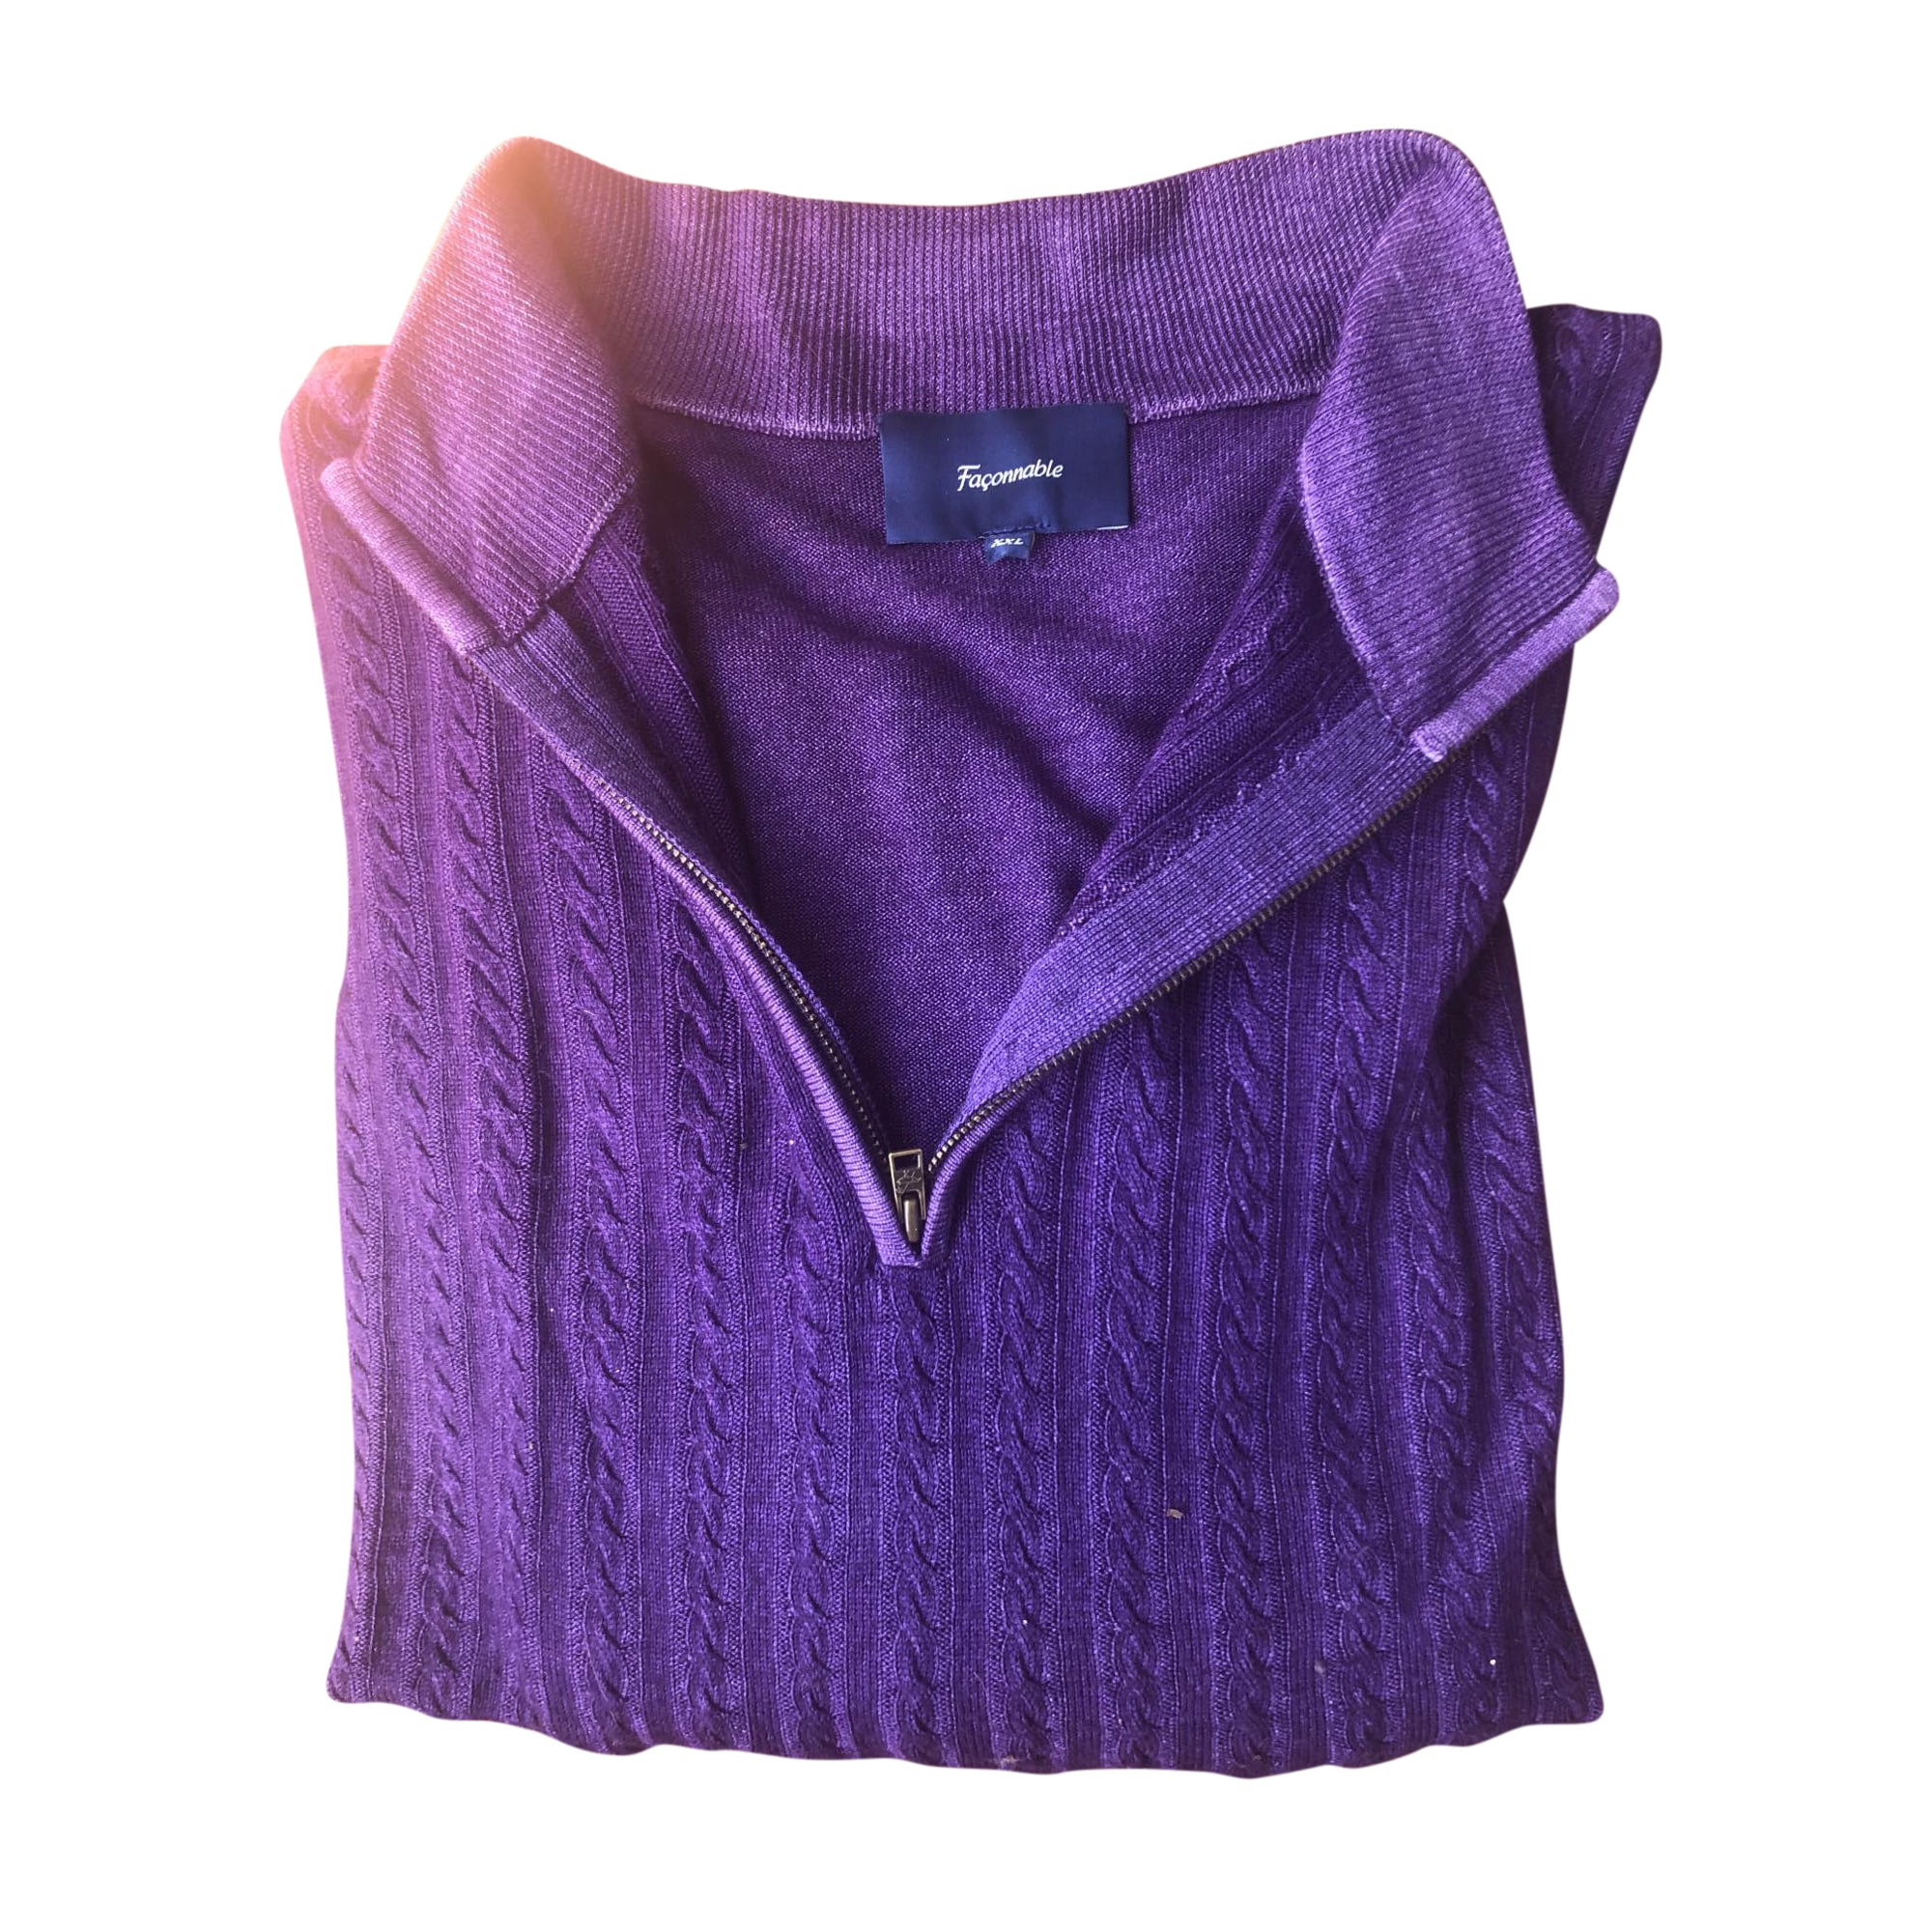 Pull FAÇONNABLE Violet, mauve, lavande